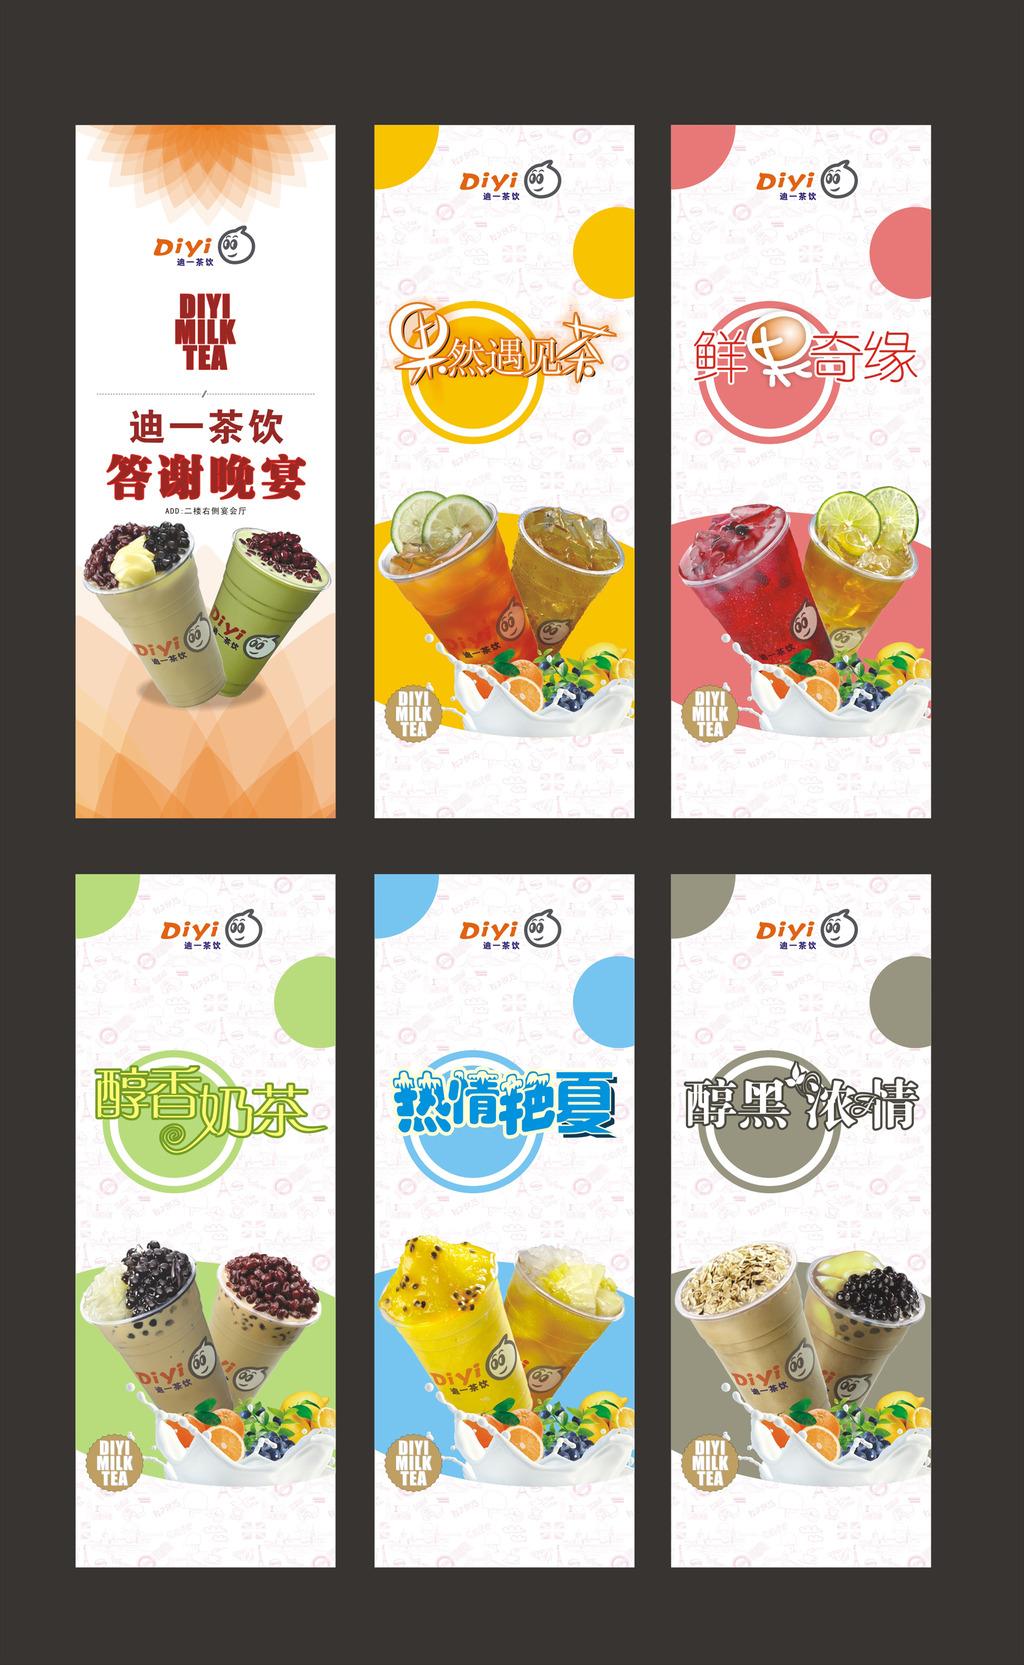 奶茶店手绘宣传海报